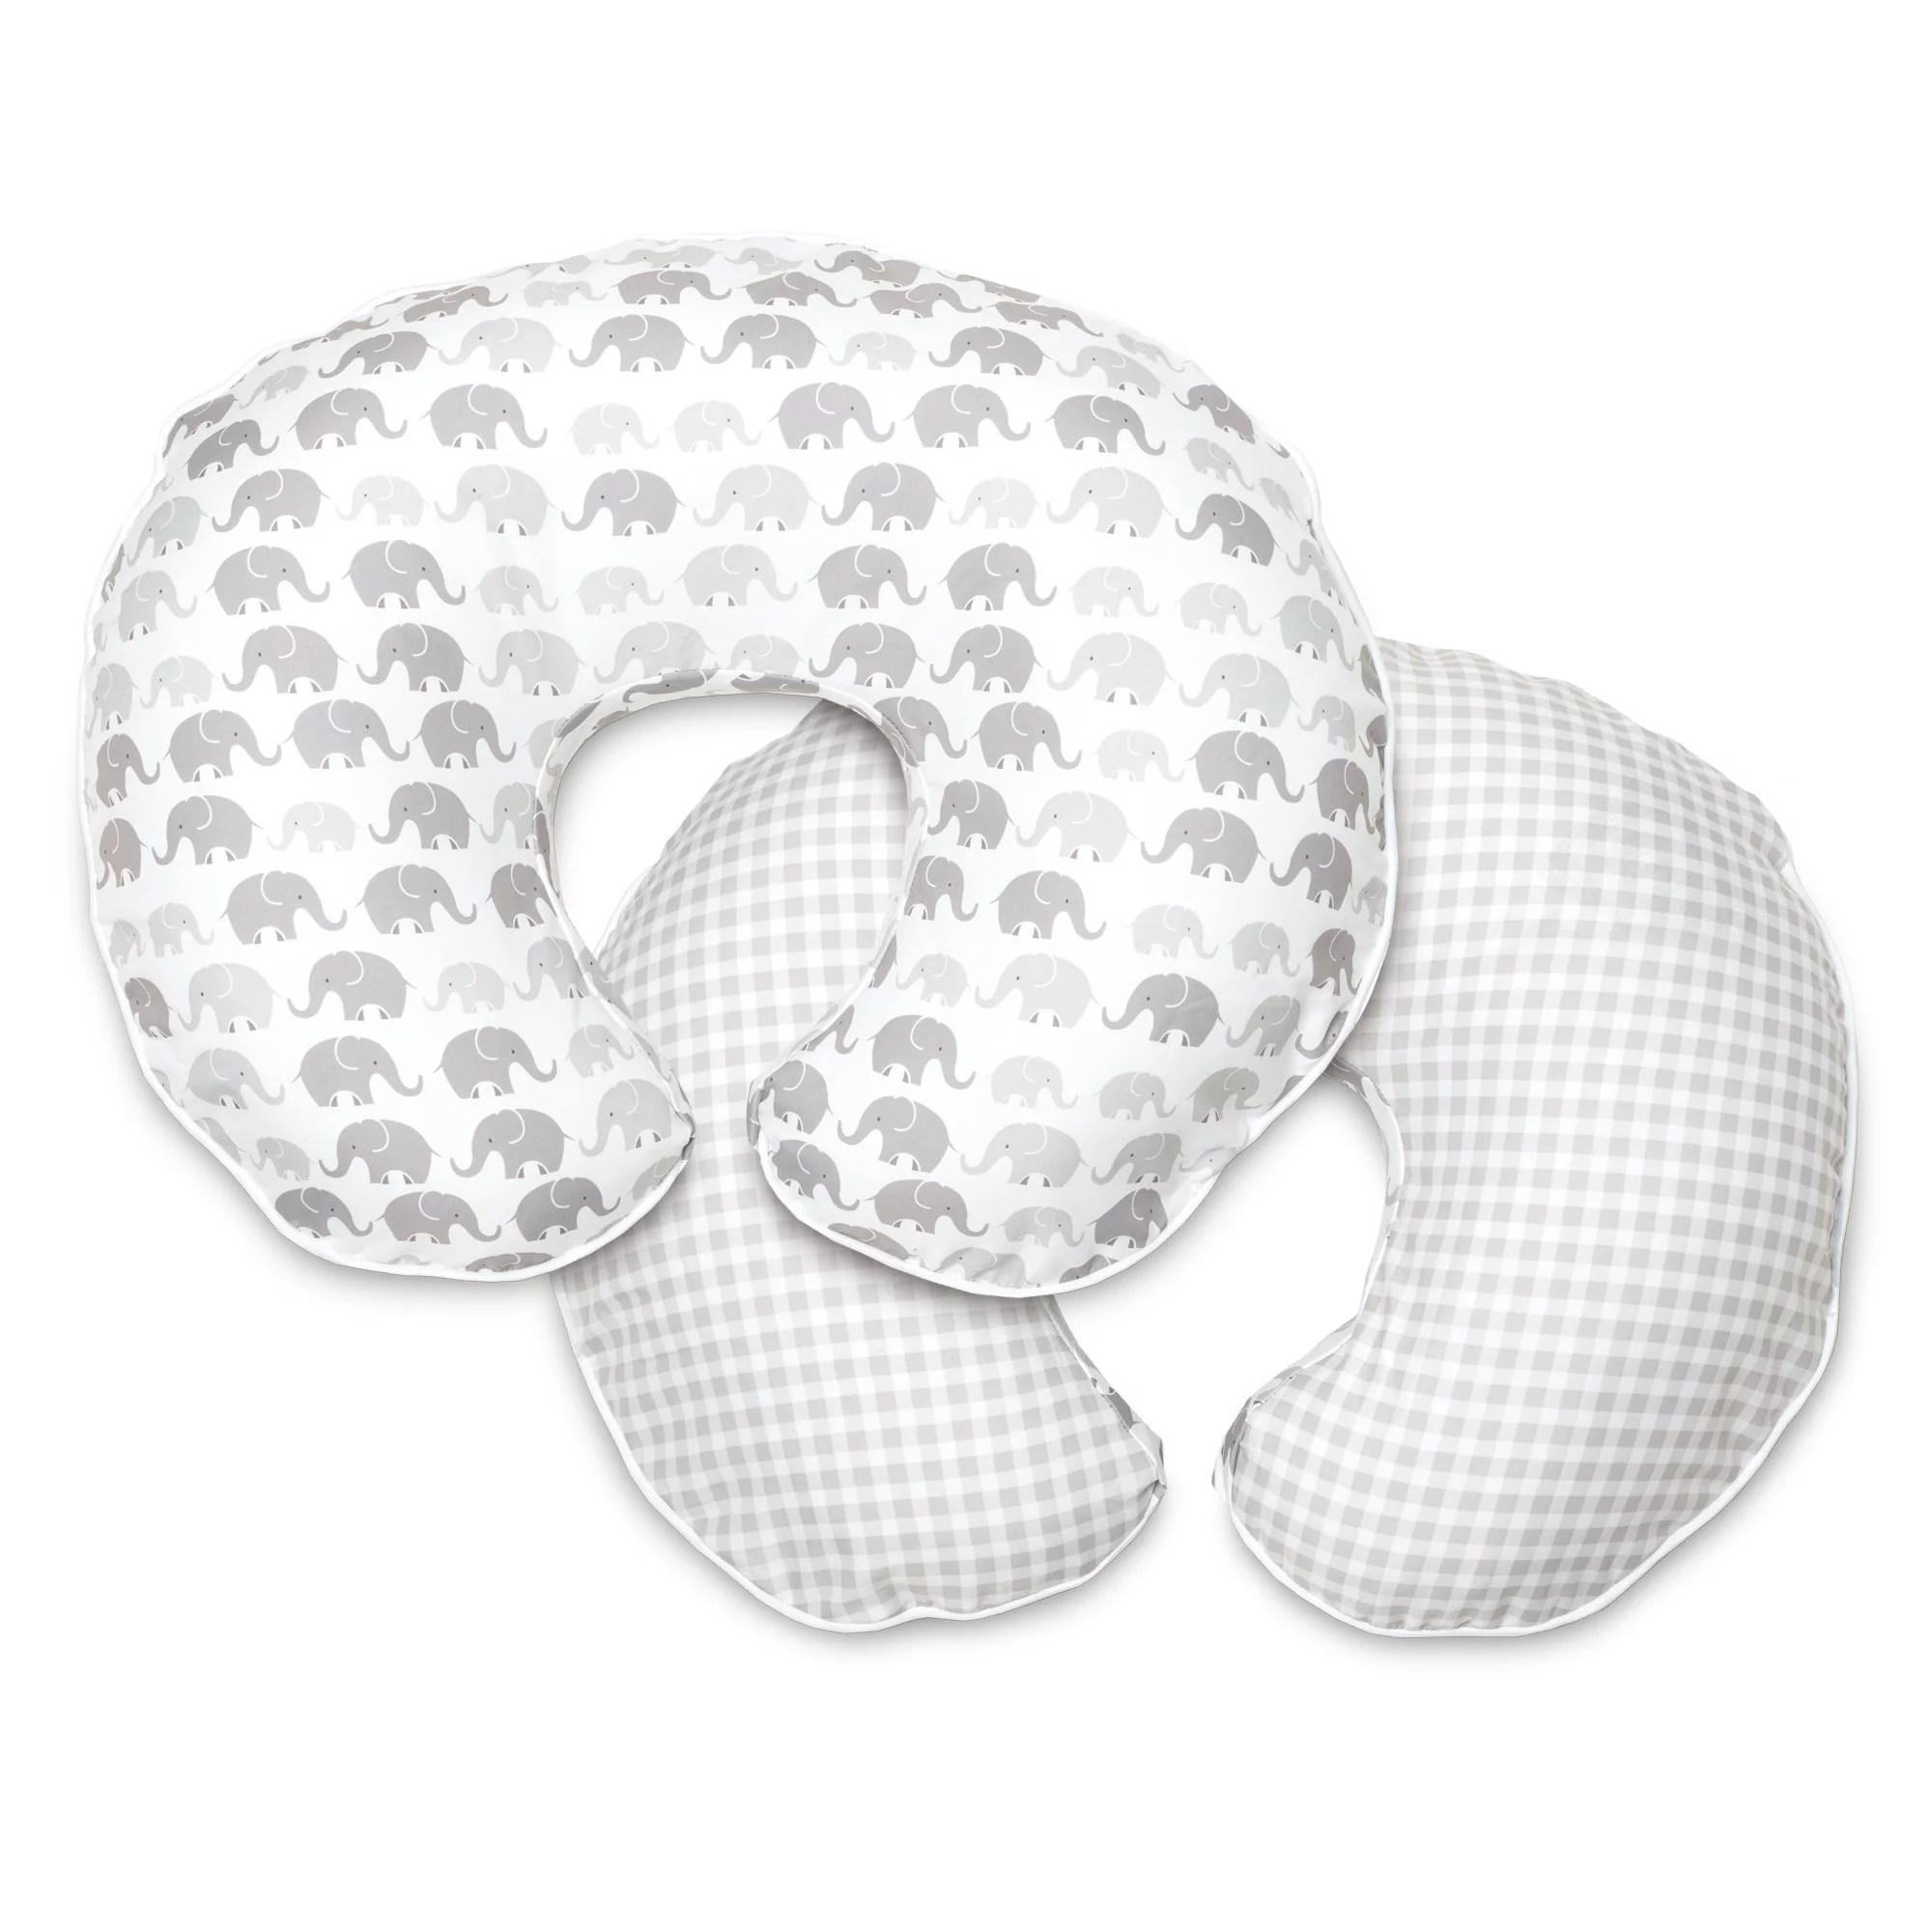 boppy nursing pillow covers walmart com